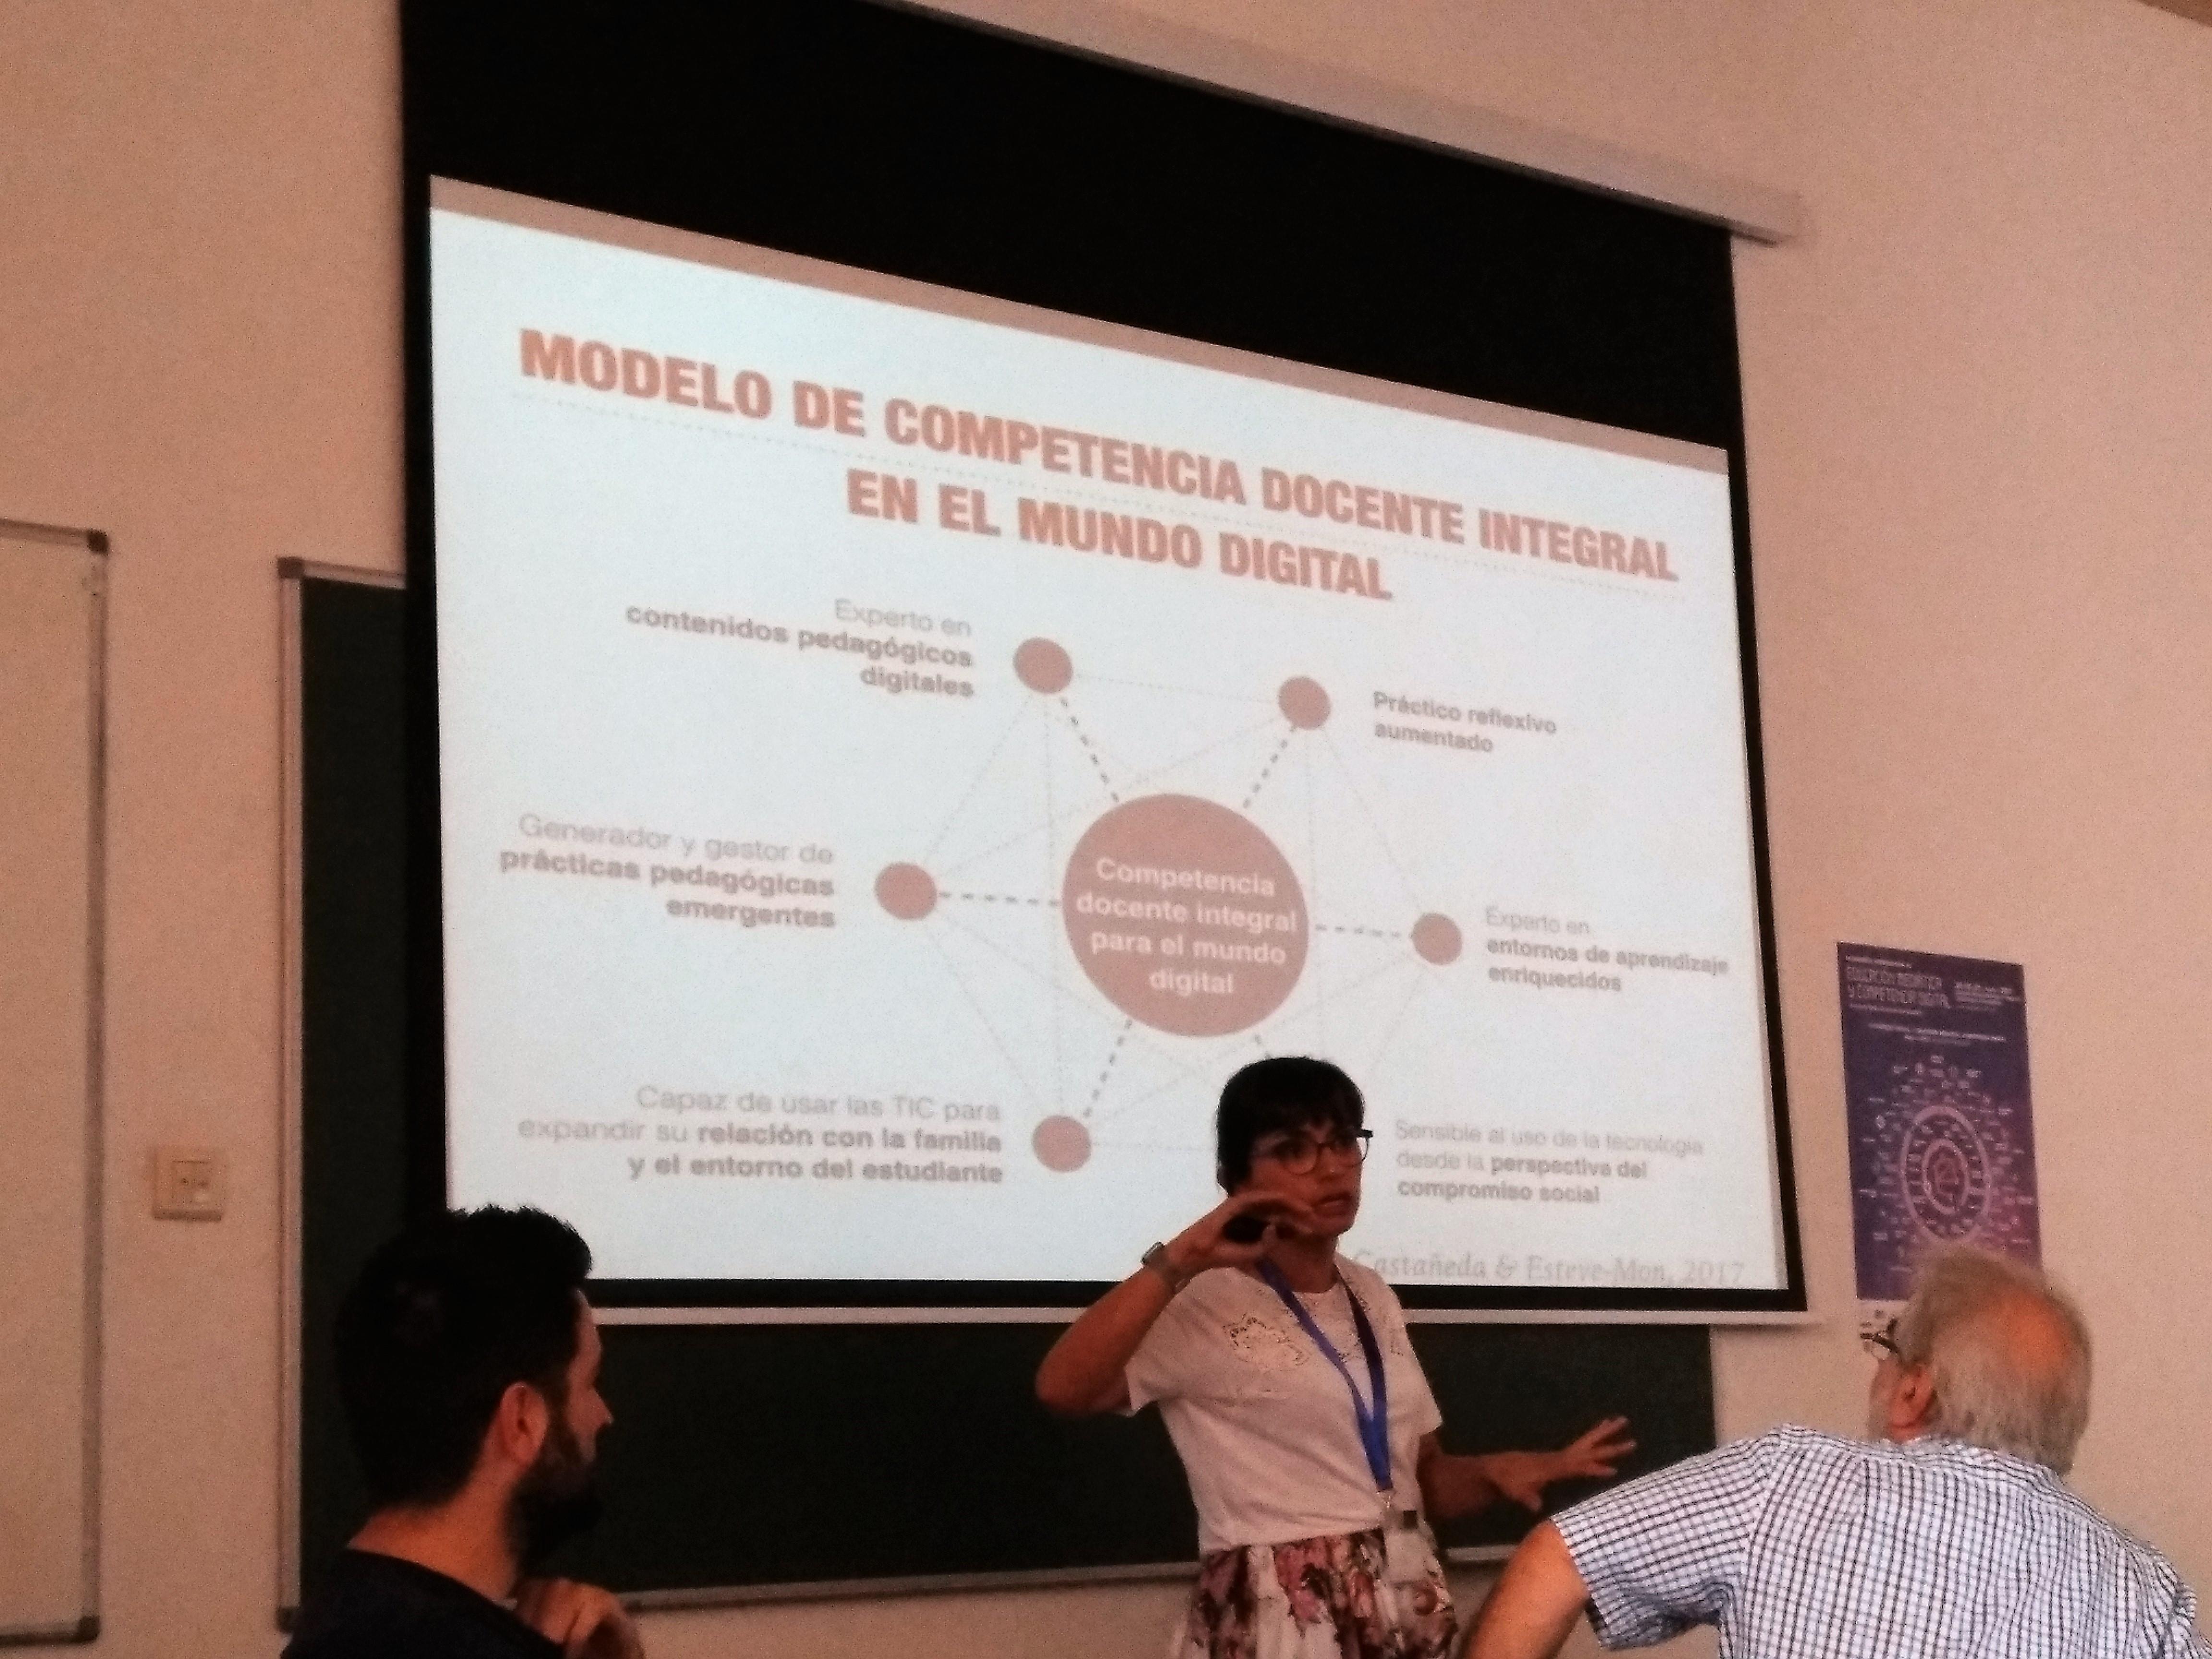 ¿Qué competencia digital docente?